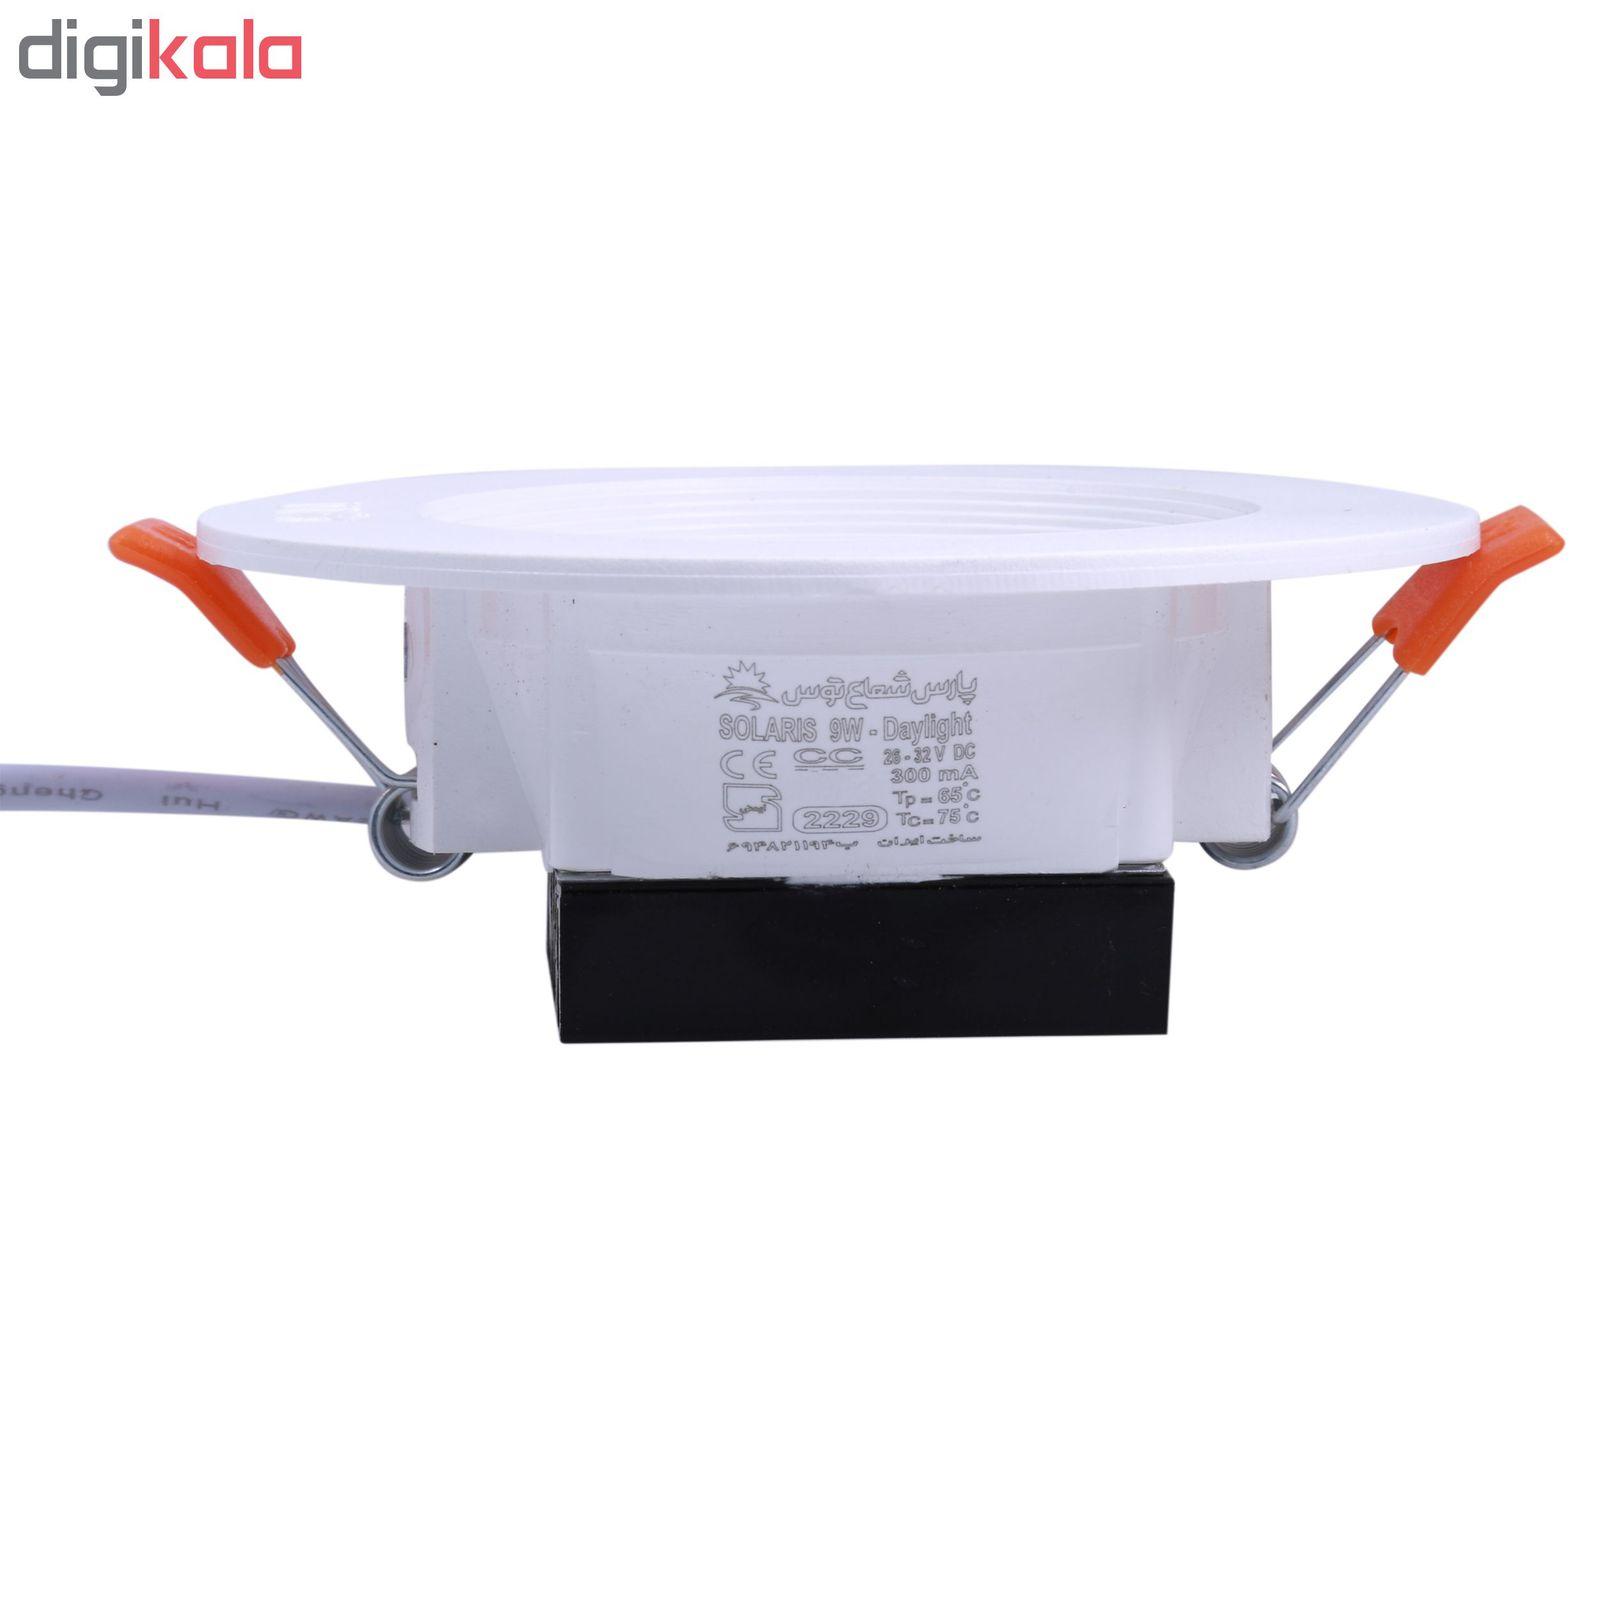 پنل ال ای دی 9 وات پارس شعاع توس مدل PT-SOL9 main 1 2